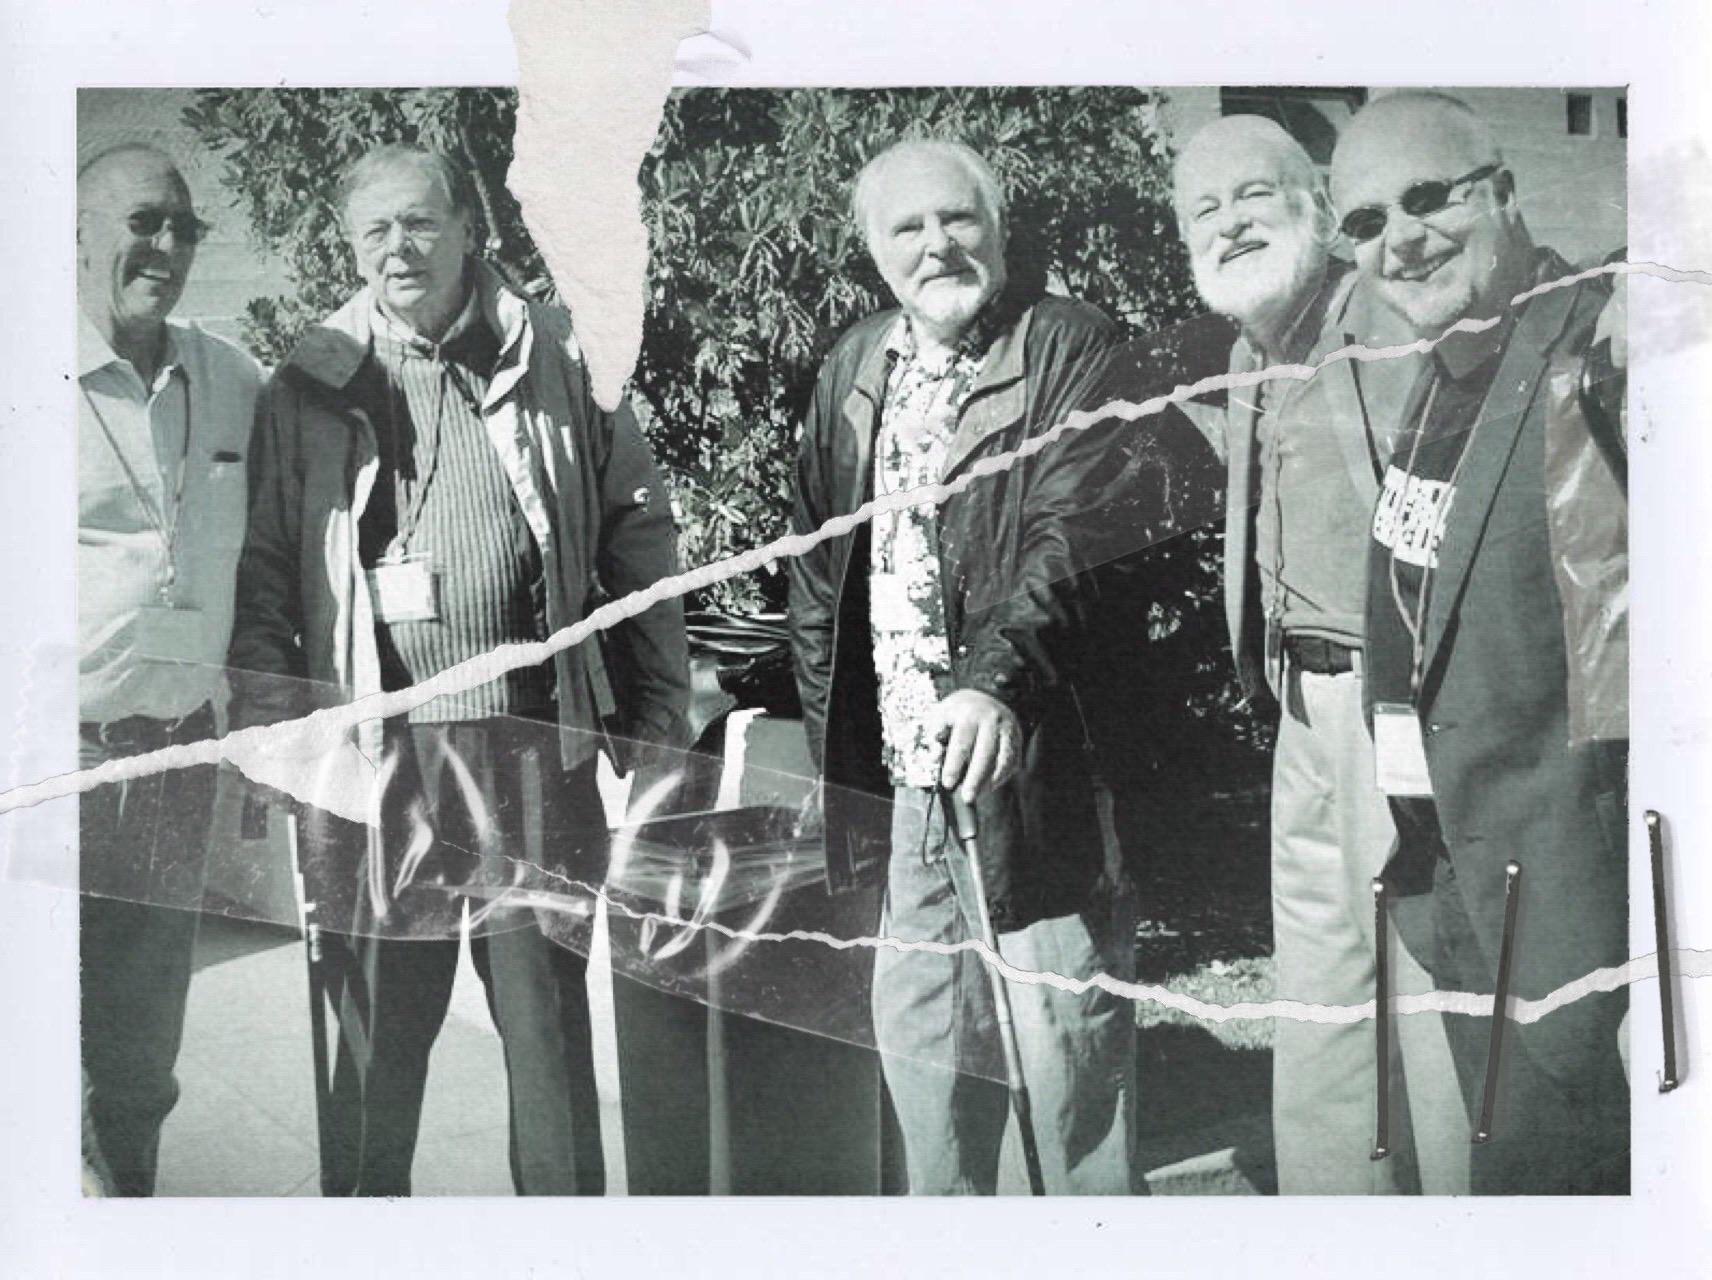 Oatley, Campos, Ekman, Buck, Kappas